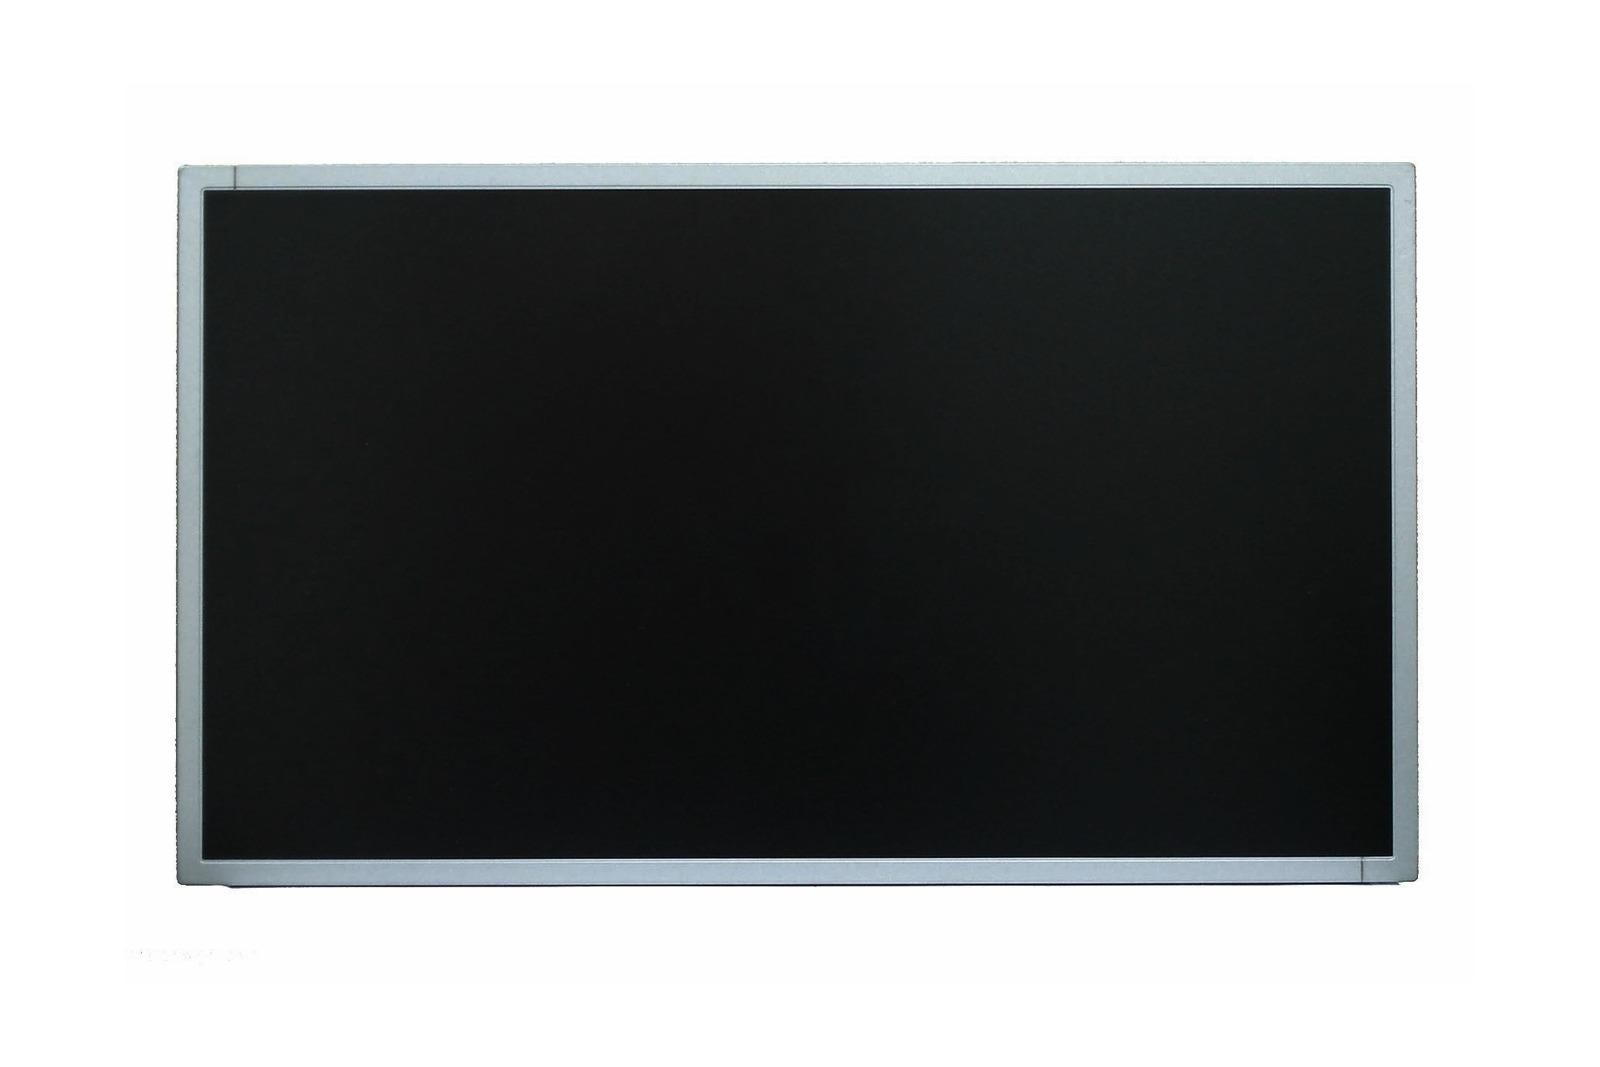 """Samsung LCD Panel Display Screen LTM270DL08 27"""" PLS QHD 2560x1440"""